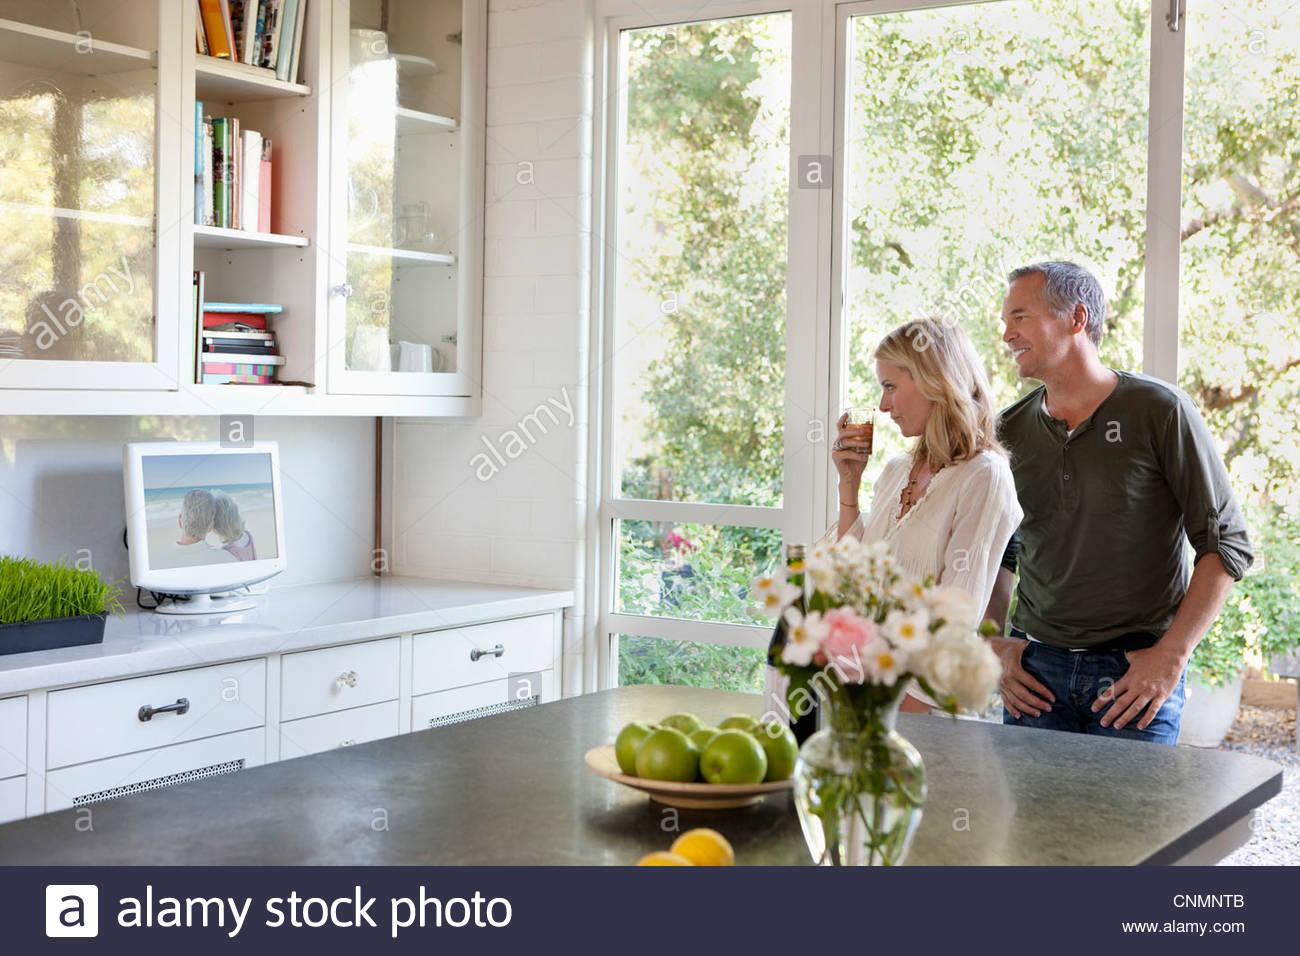 Familie vor dem Fernseher in Küche Stockfoto, Bild: 47784699 - Alamy